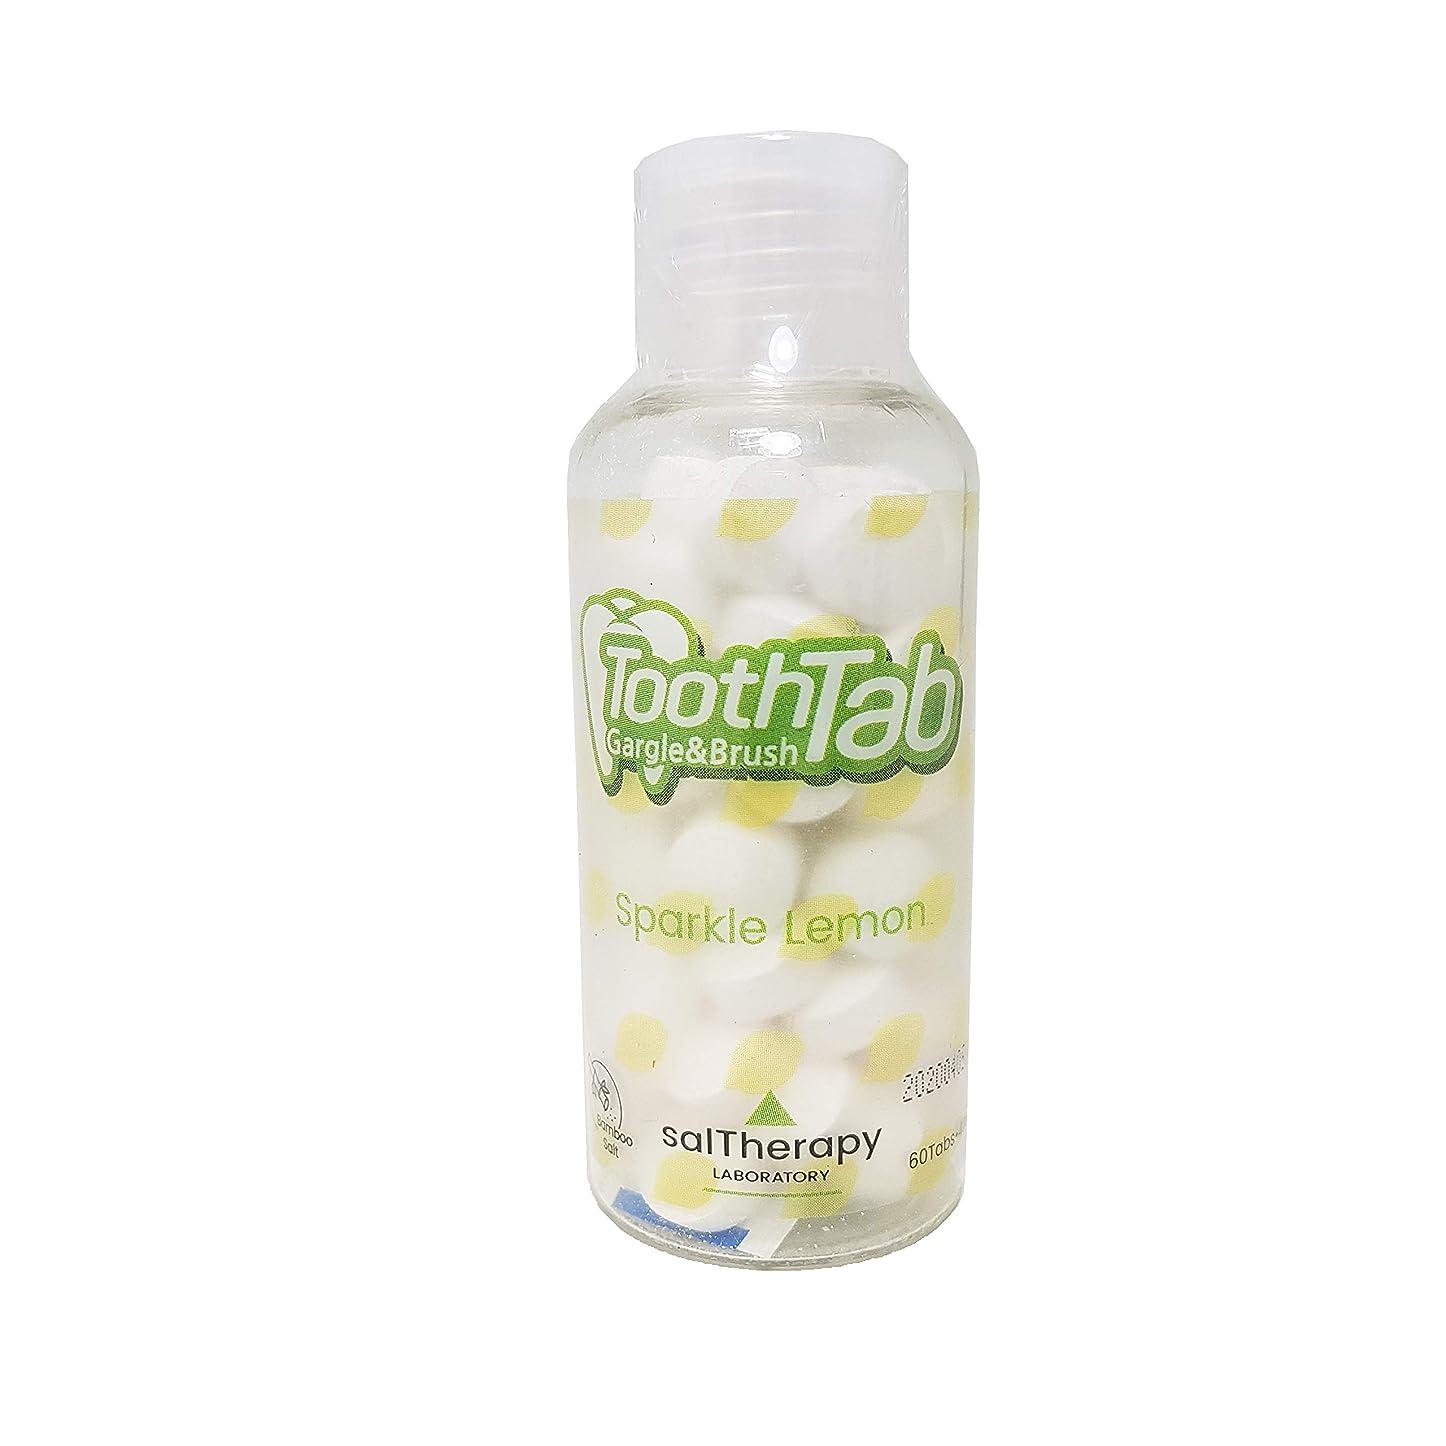 適切にコンベンション家族SalTherapy 歯磨き粉 固体タブレット 60個入 (Sparkle Lemon)